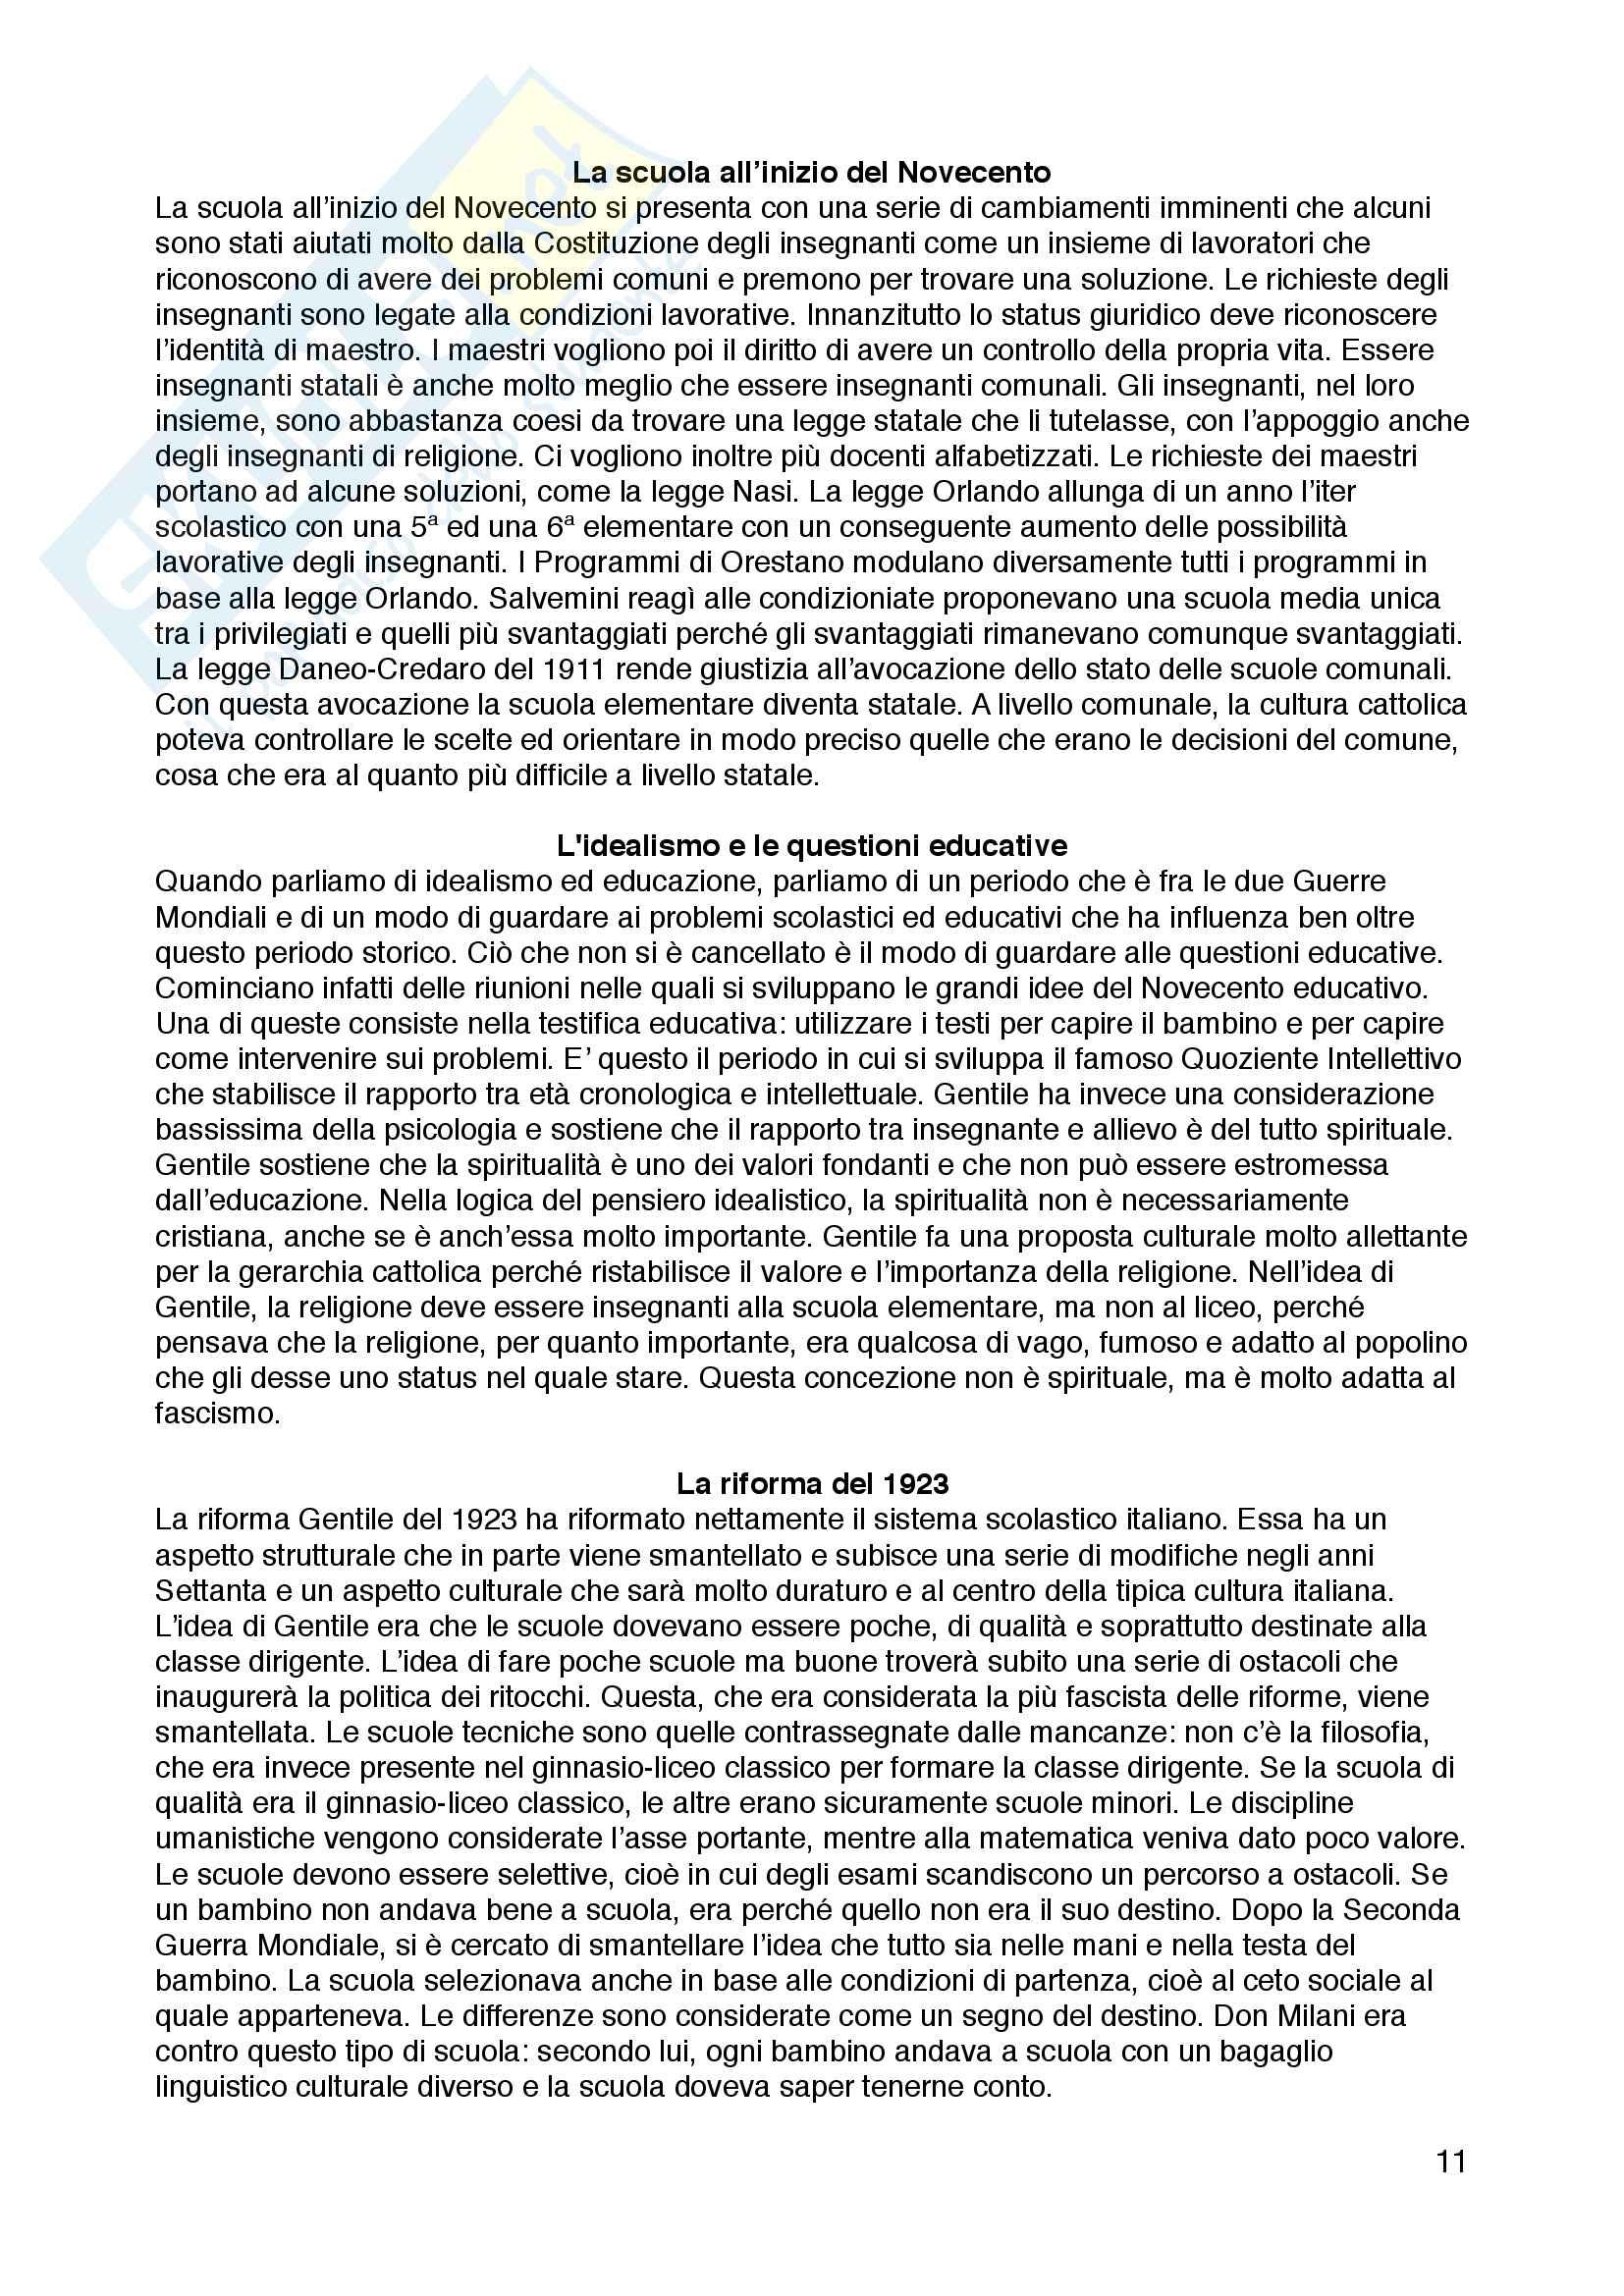 Appunti di storia dell'educazione, Storia dell'educazione, Gianfranco Bandini Pag. 11